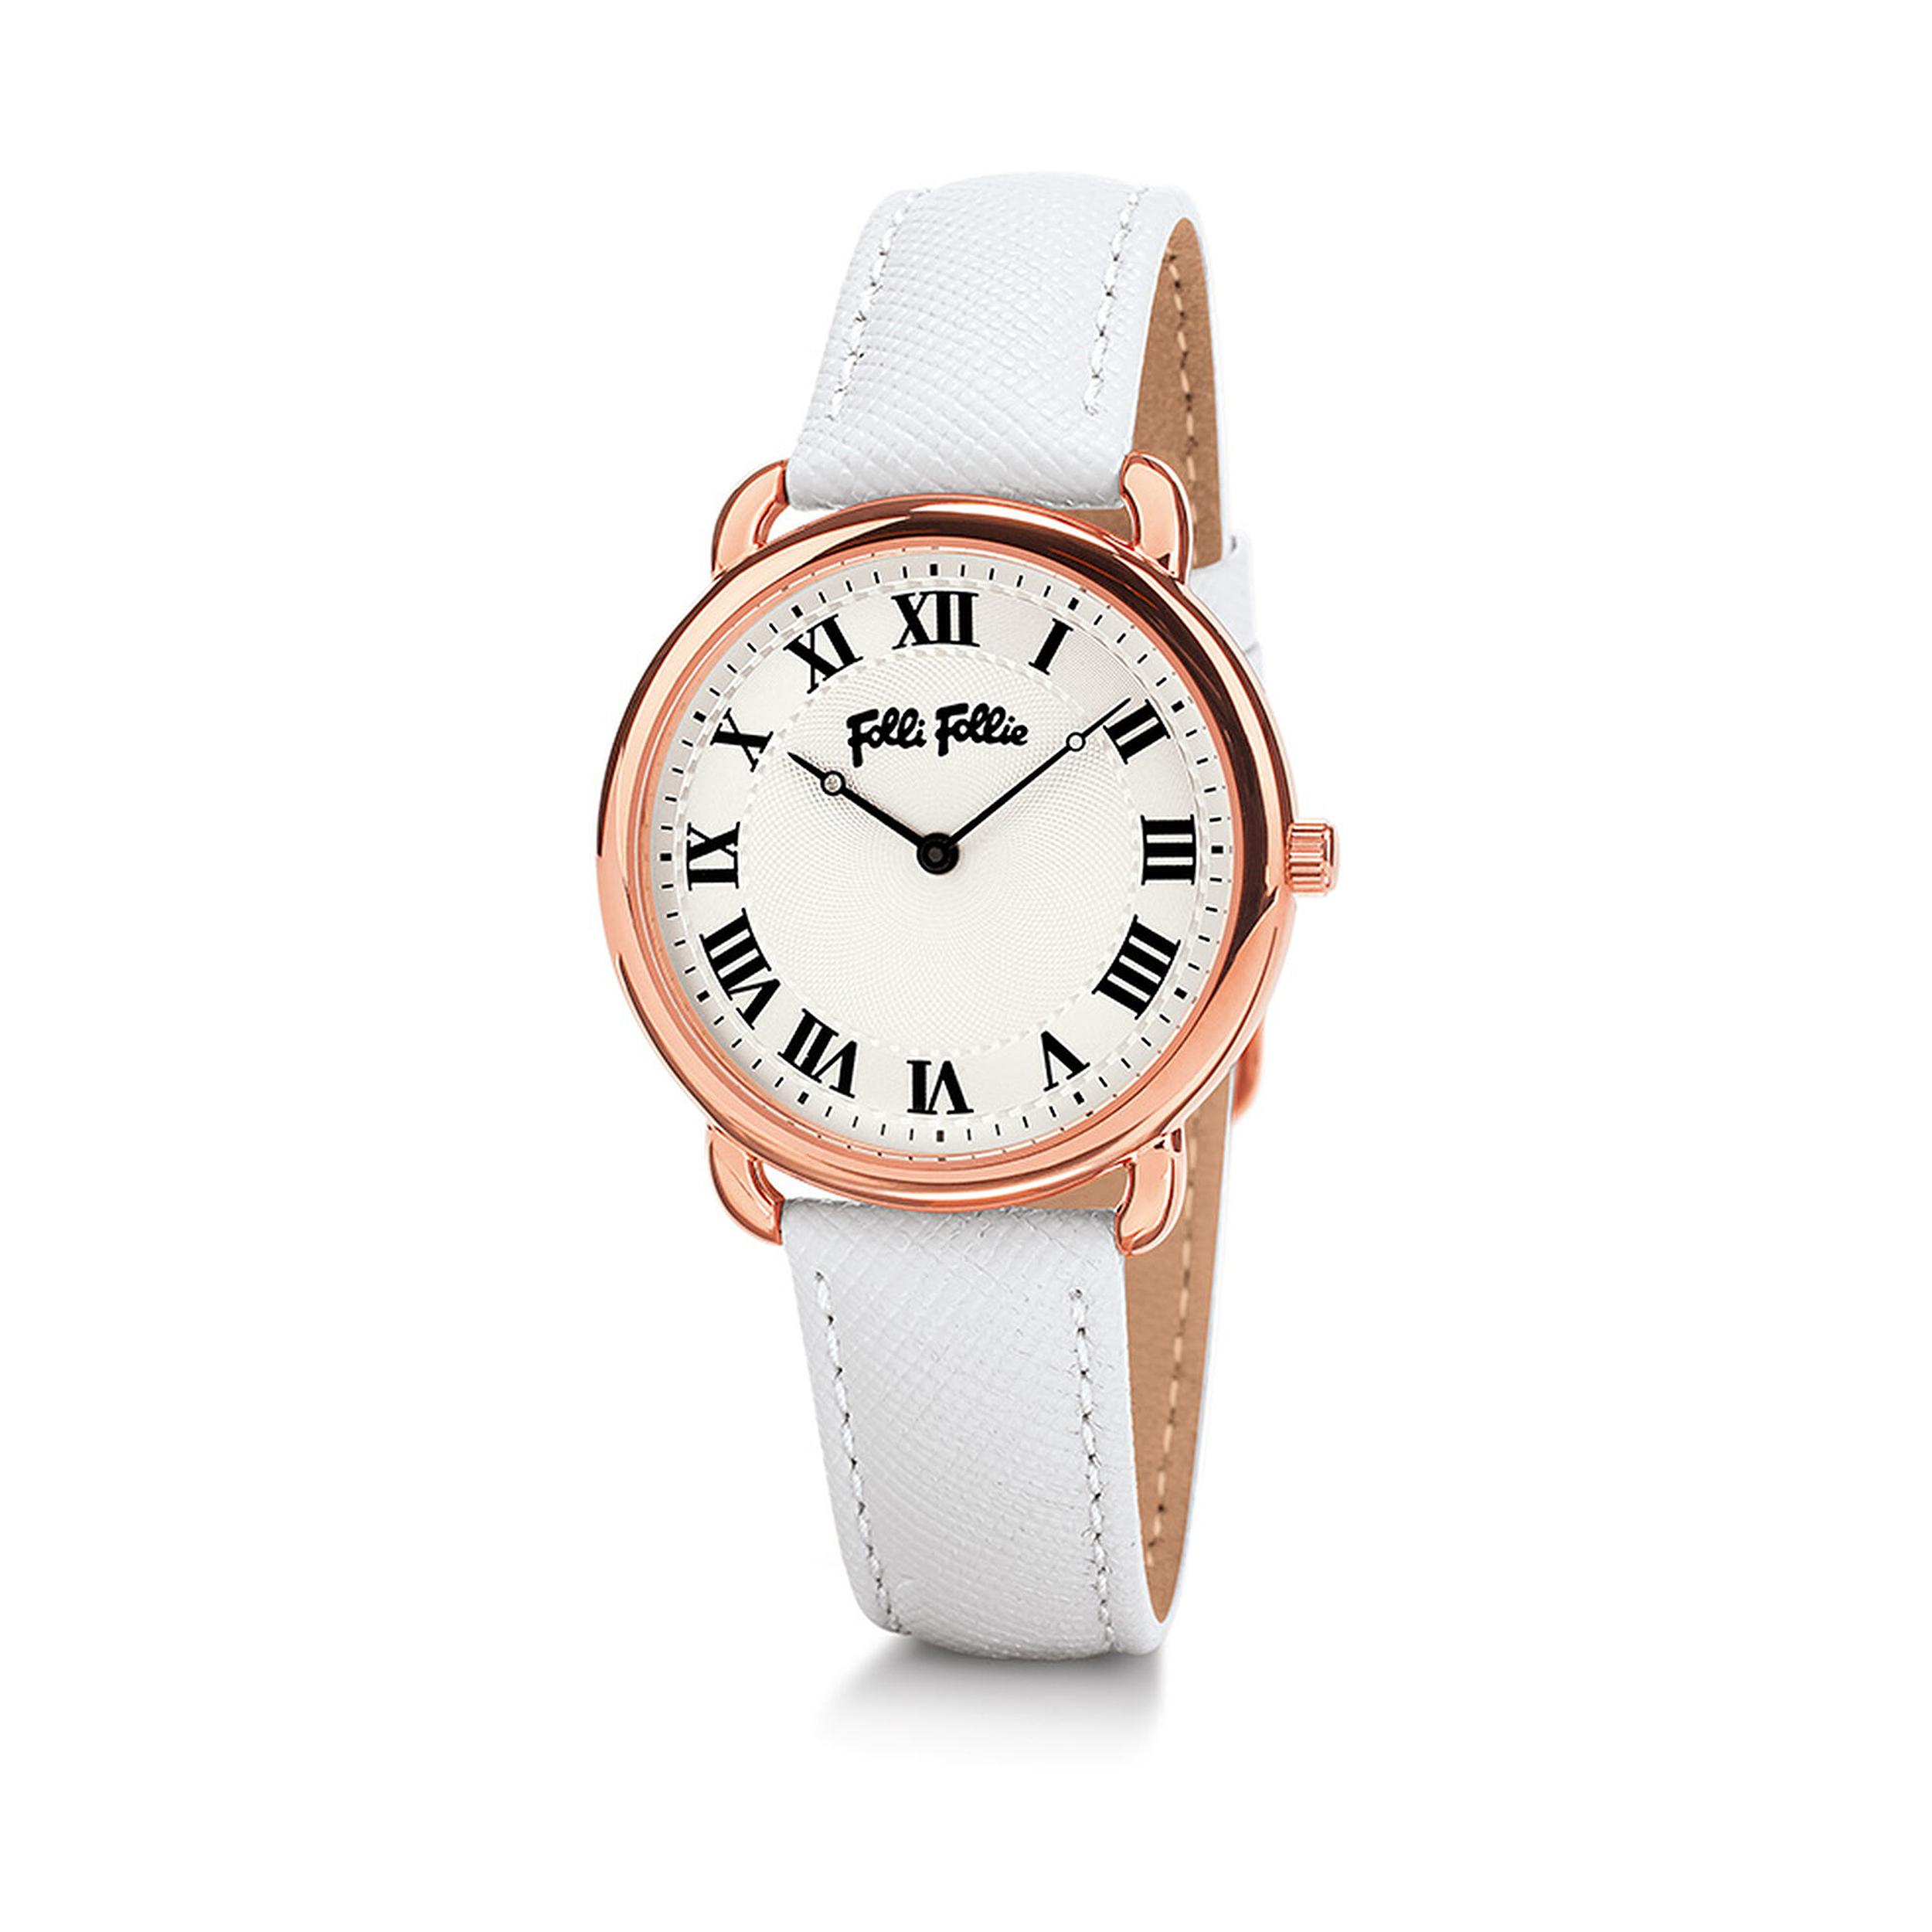 ساعت مچی عقربه ای زنانه فولی فولیه مدل WF16R013SPS-WH (بدون جعبه اورجینال)              خرید (⭐️⭐️⭐️)